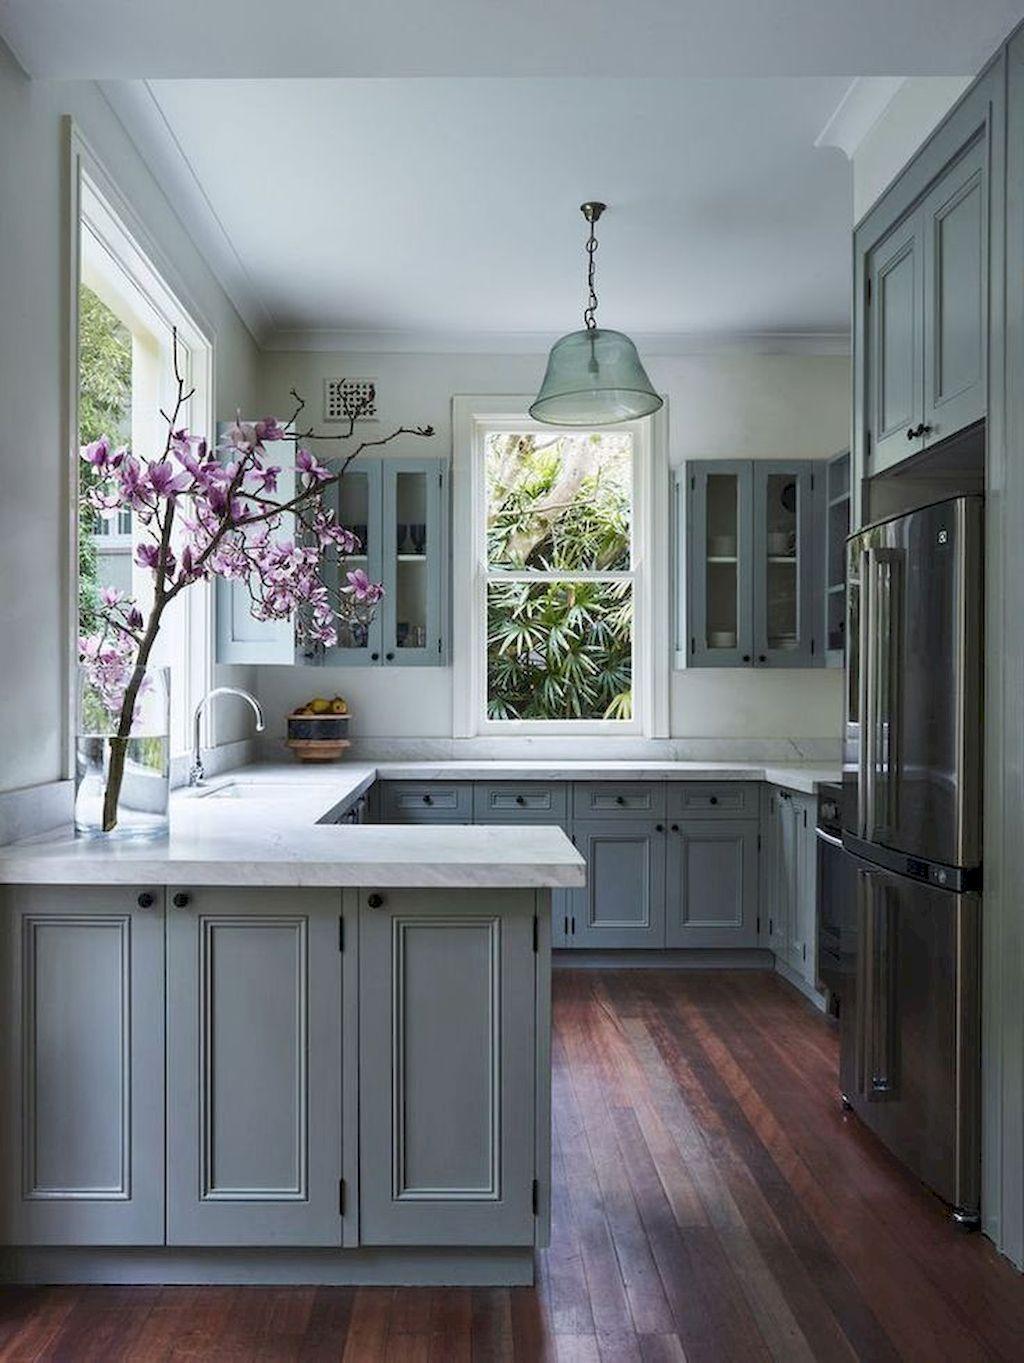 60 Gray Farmhouse Kitchen Cabinet Makeover Ideas Gladecor Com Kitchen Design Small Kitchen Design Modern Farmhouse Kitchens